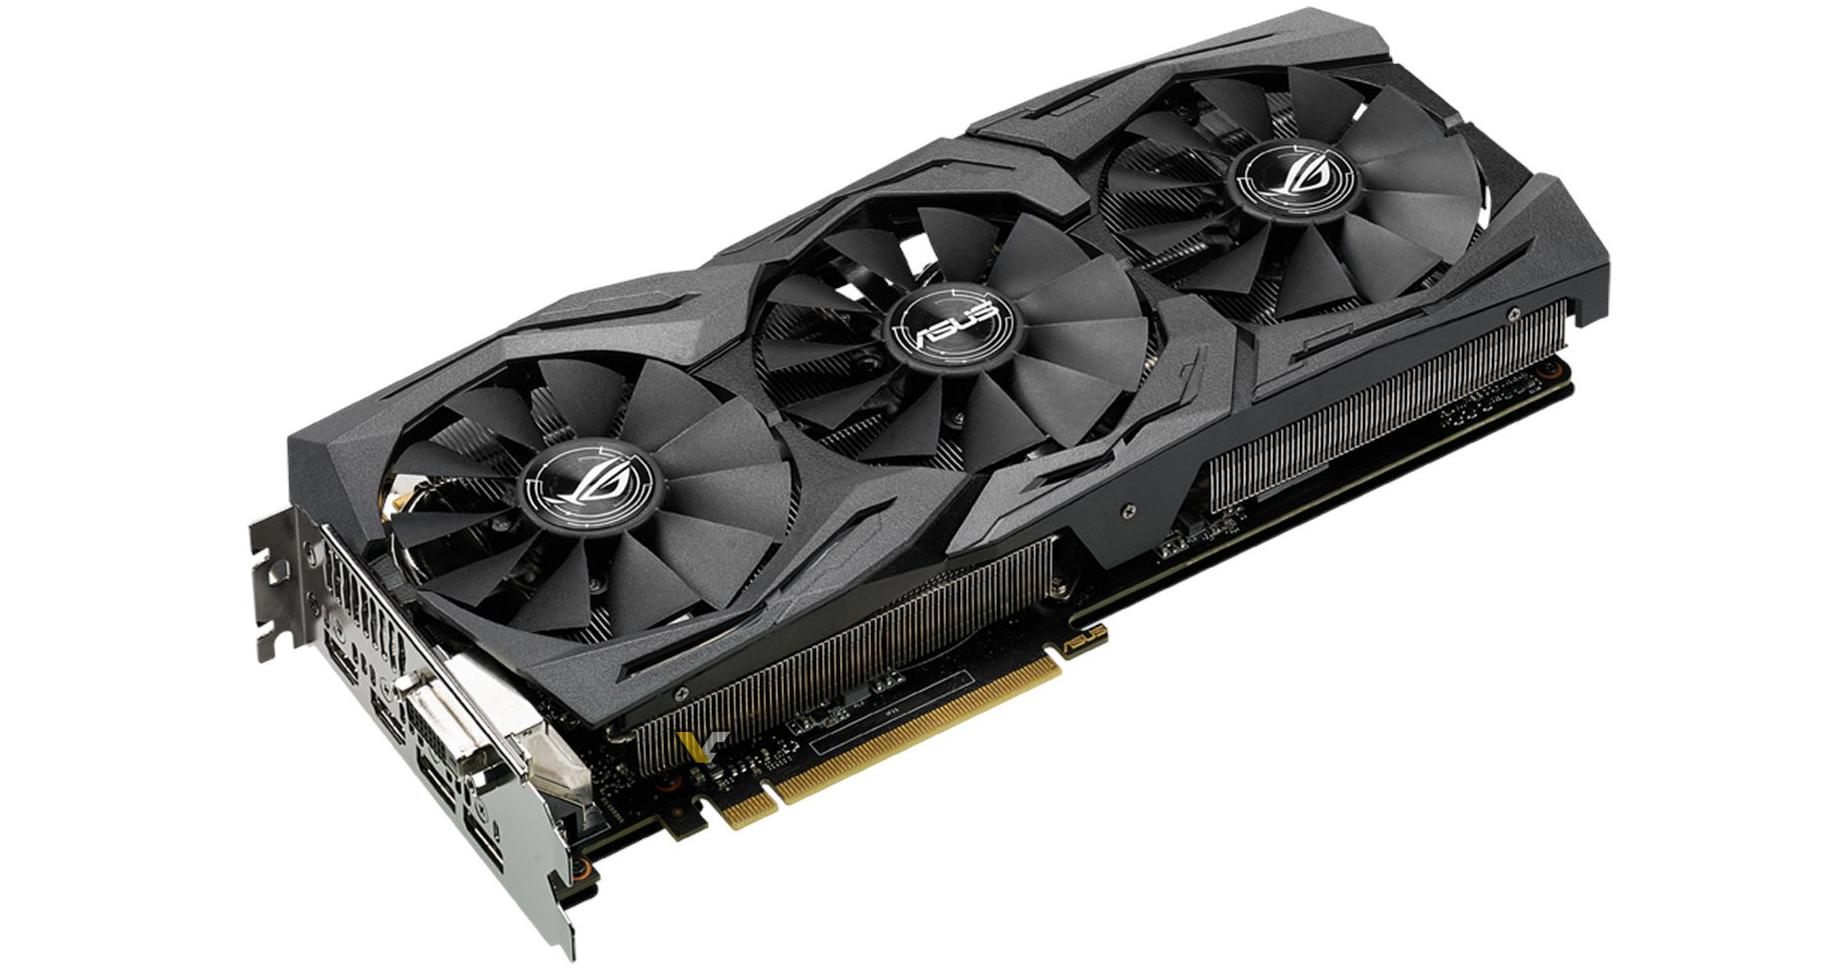 ASUS Strix GeForce GTX 1070 cuerpo